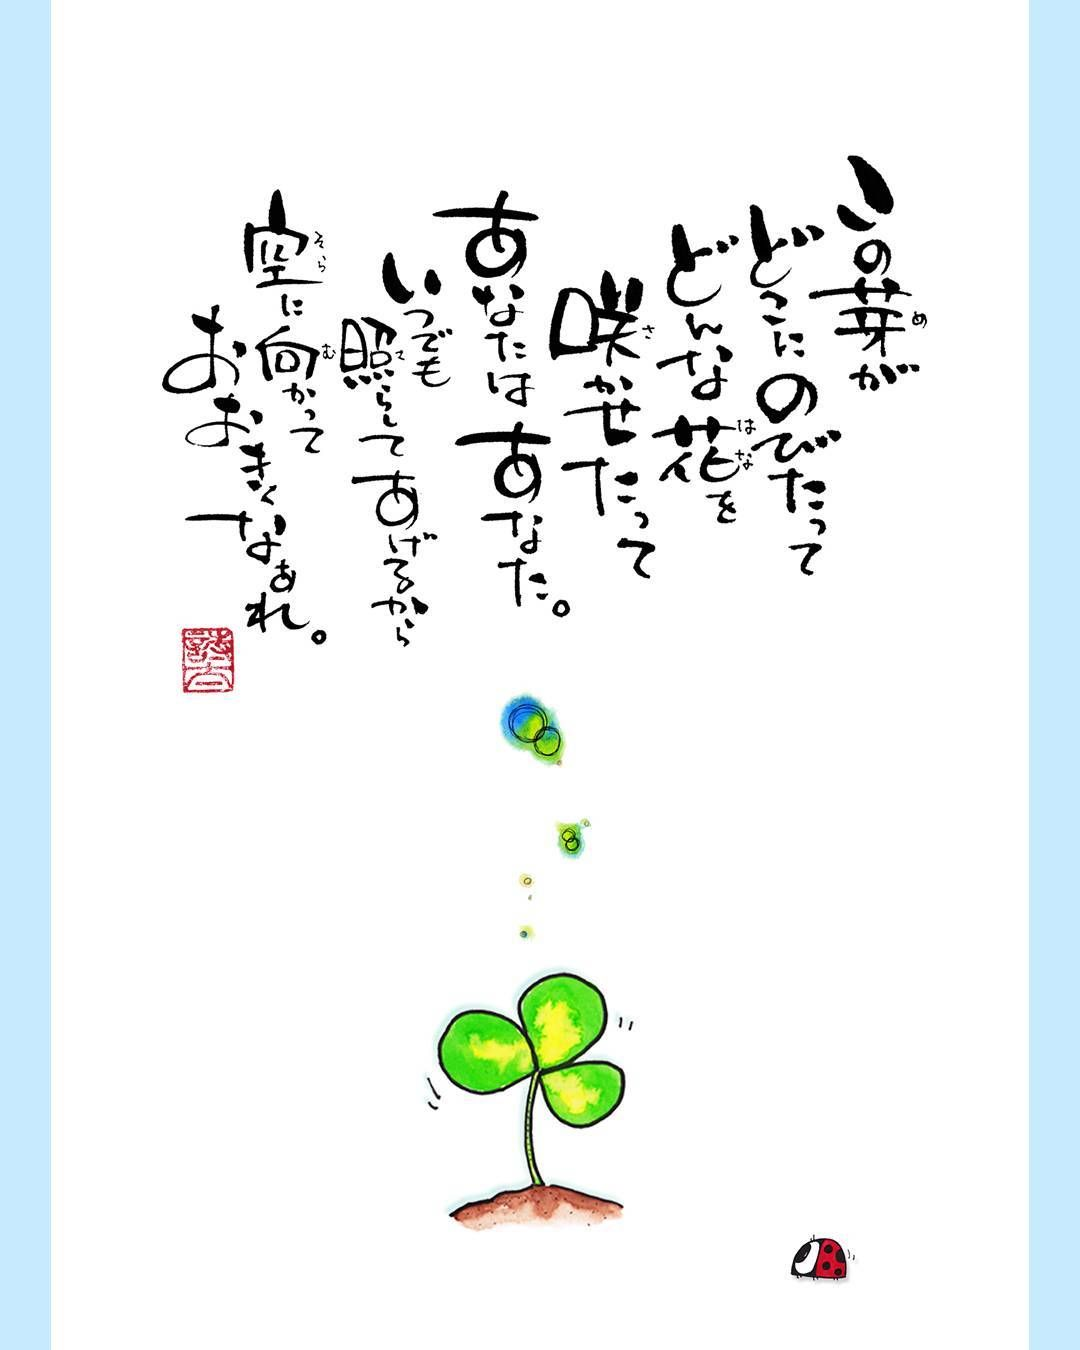 詩 太 (うーた)さんはInstagramを利用しています:「この芽がどこにのび ...